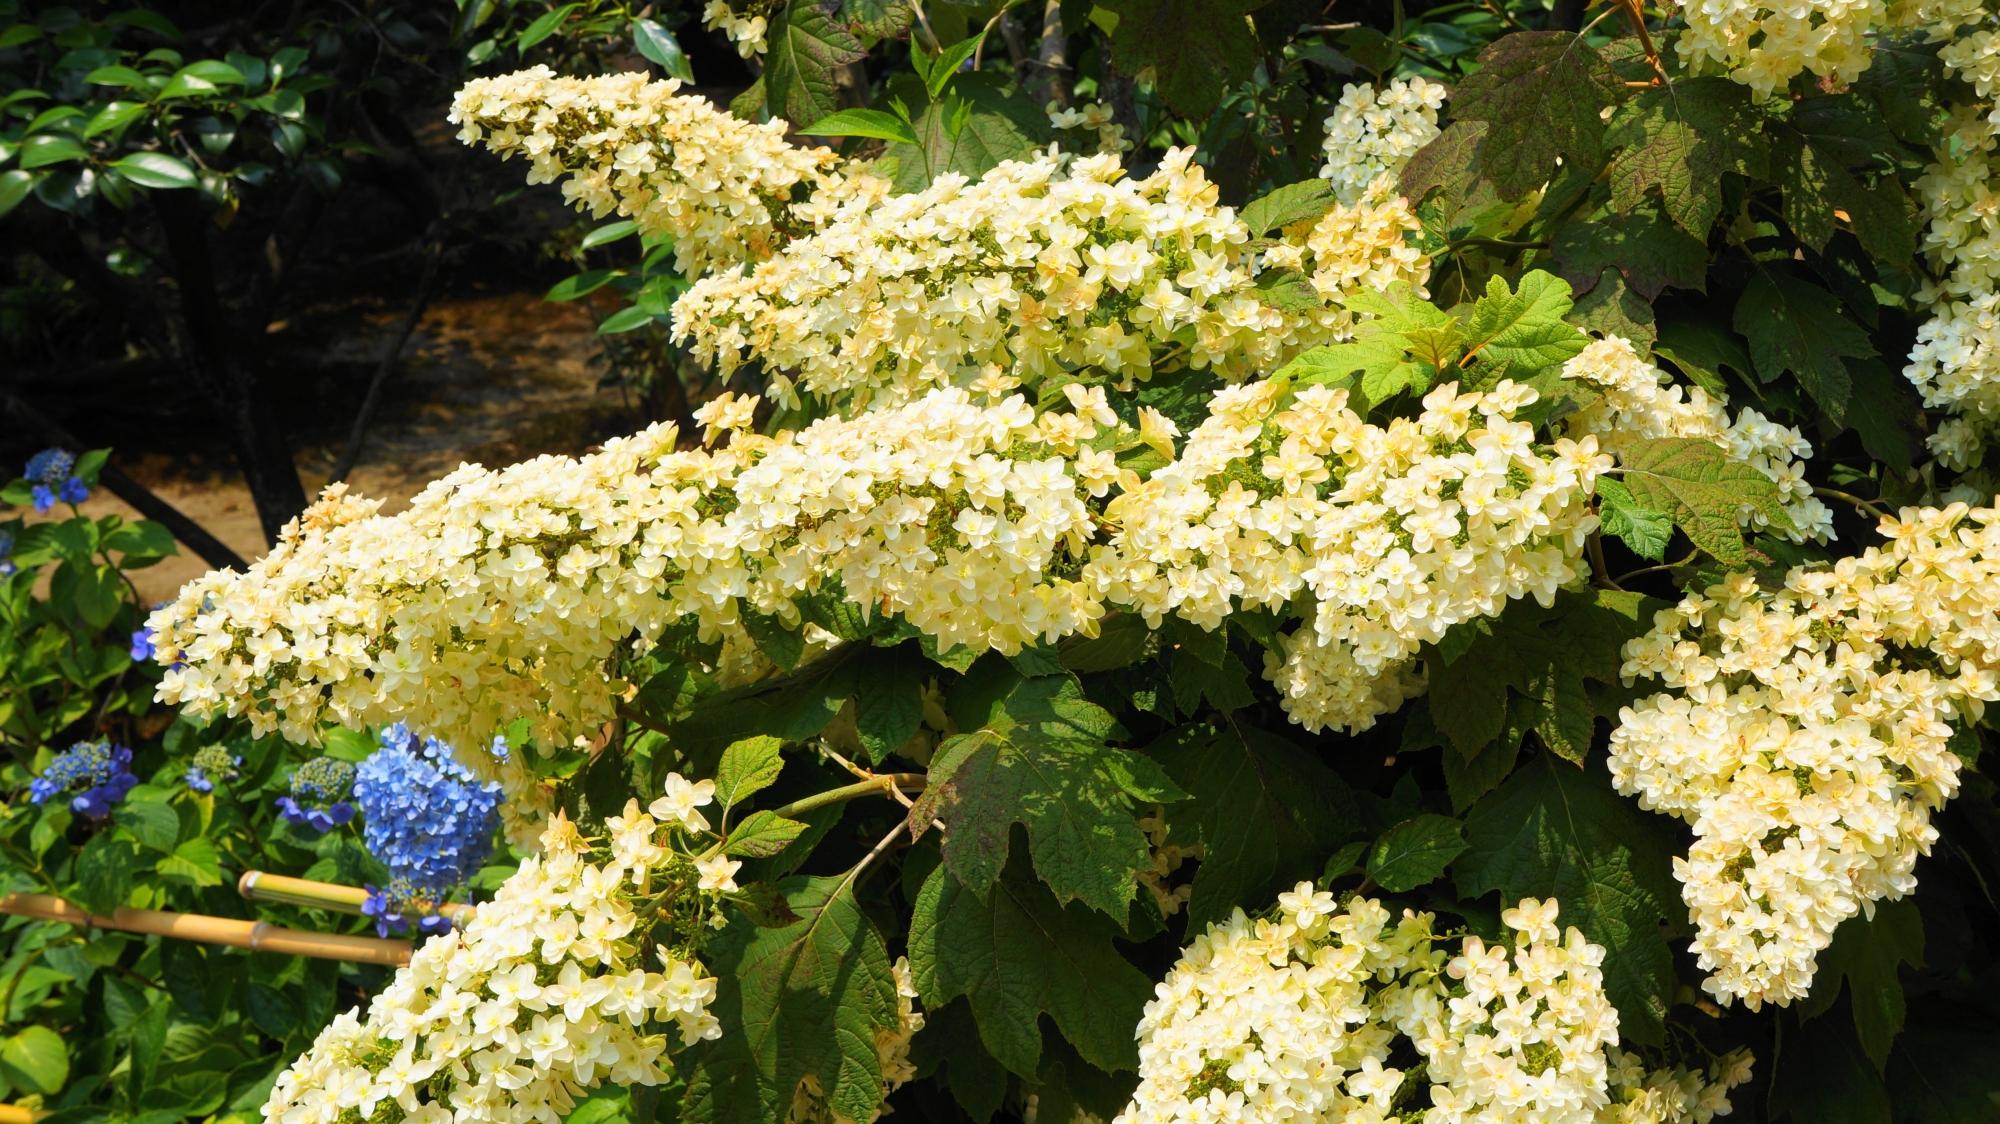 法金剛院のややクリーム色っぽい白の柏葉紫陽花(カシワバアジサイ)